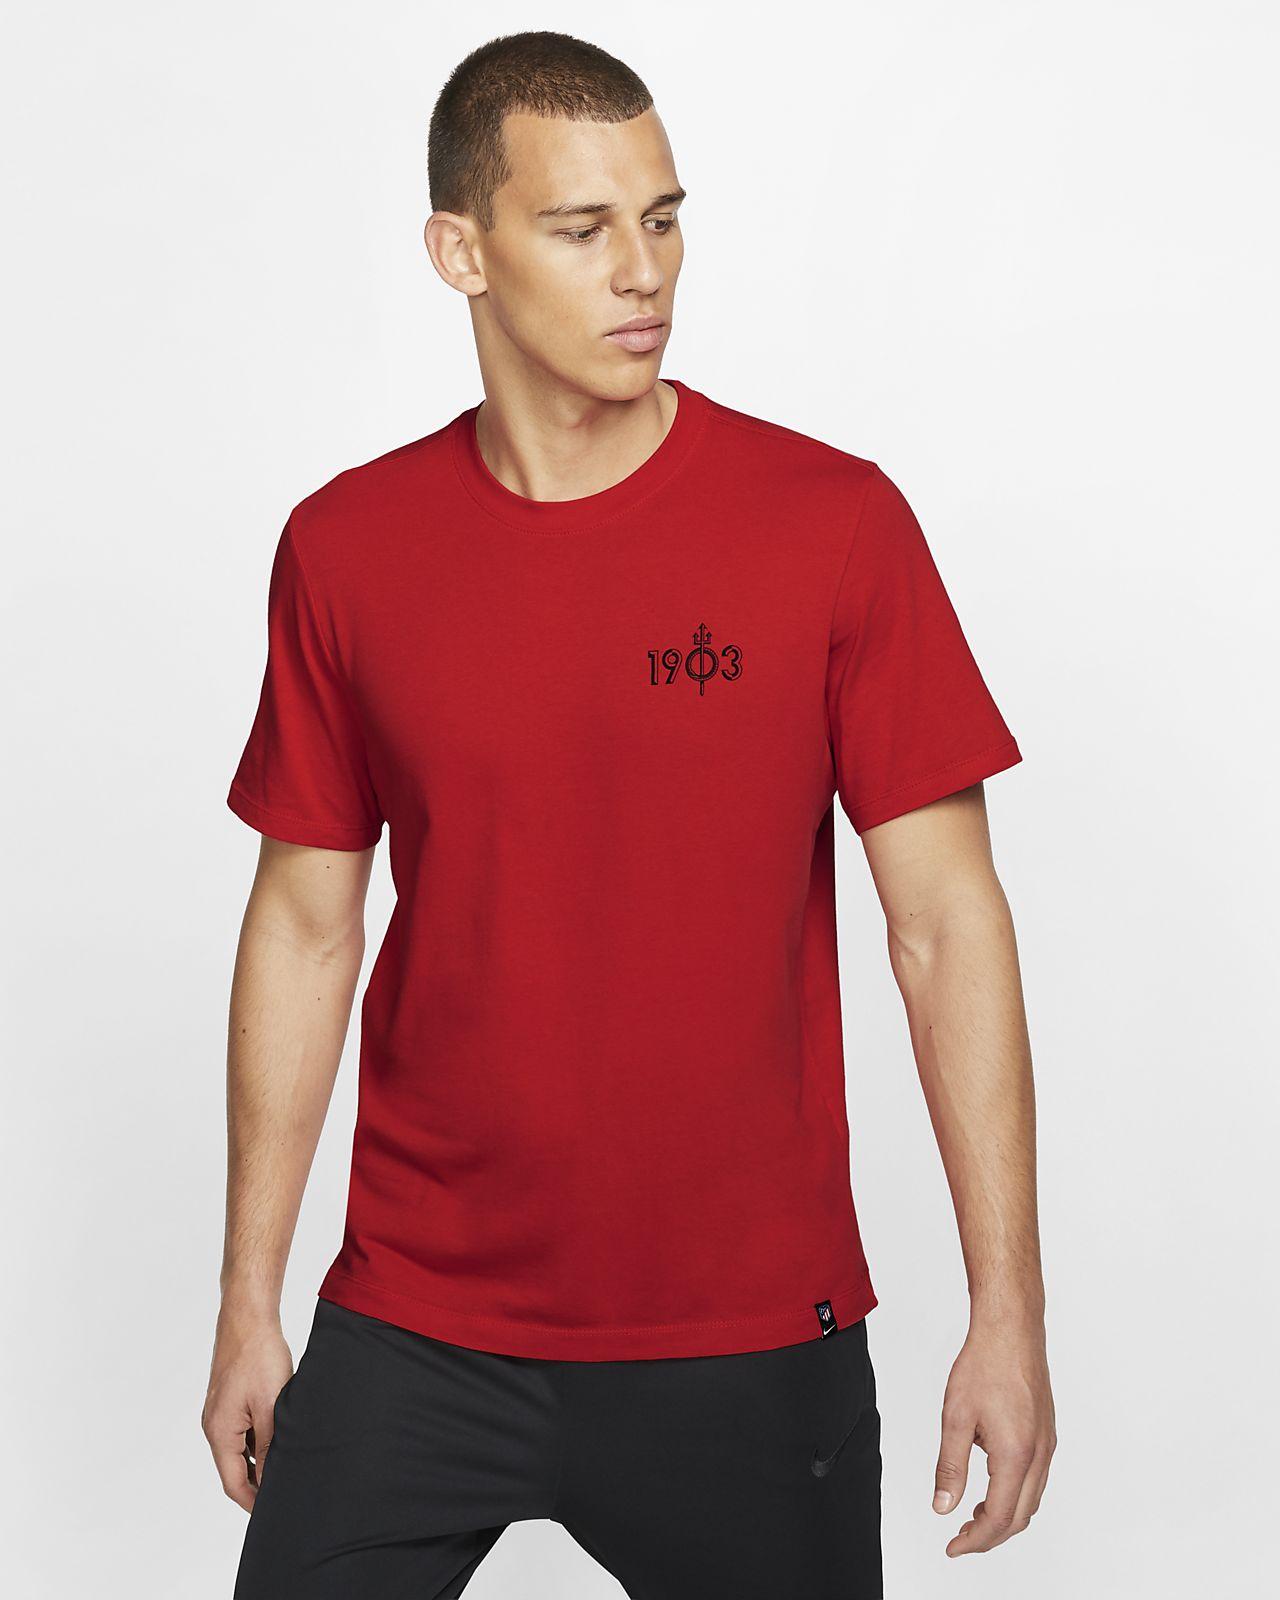 Pánské tričko Atletico de Madrid